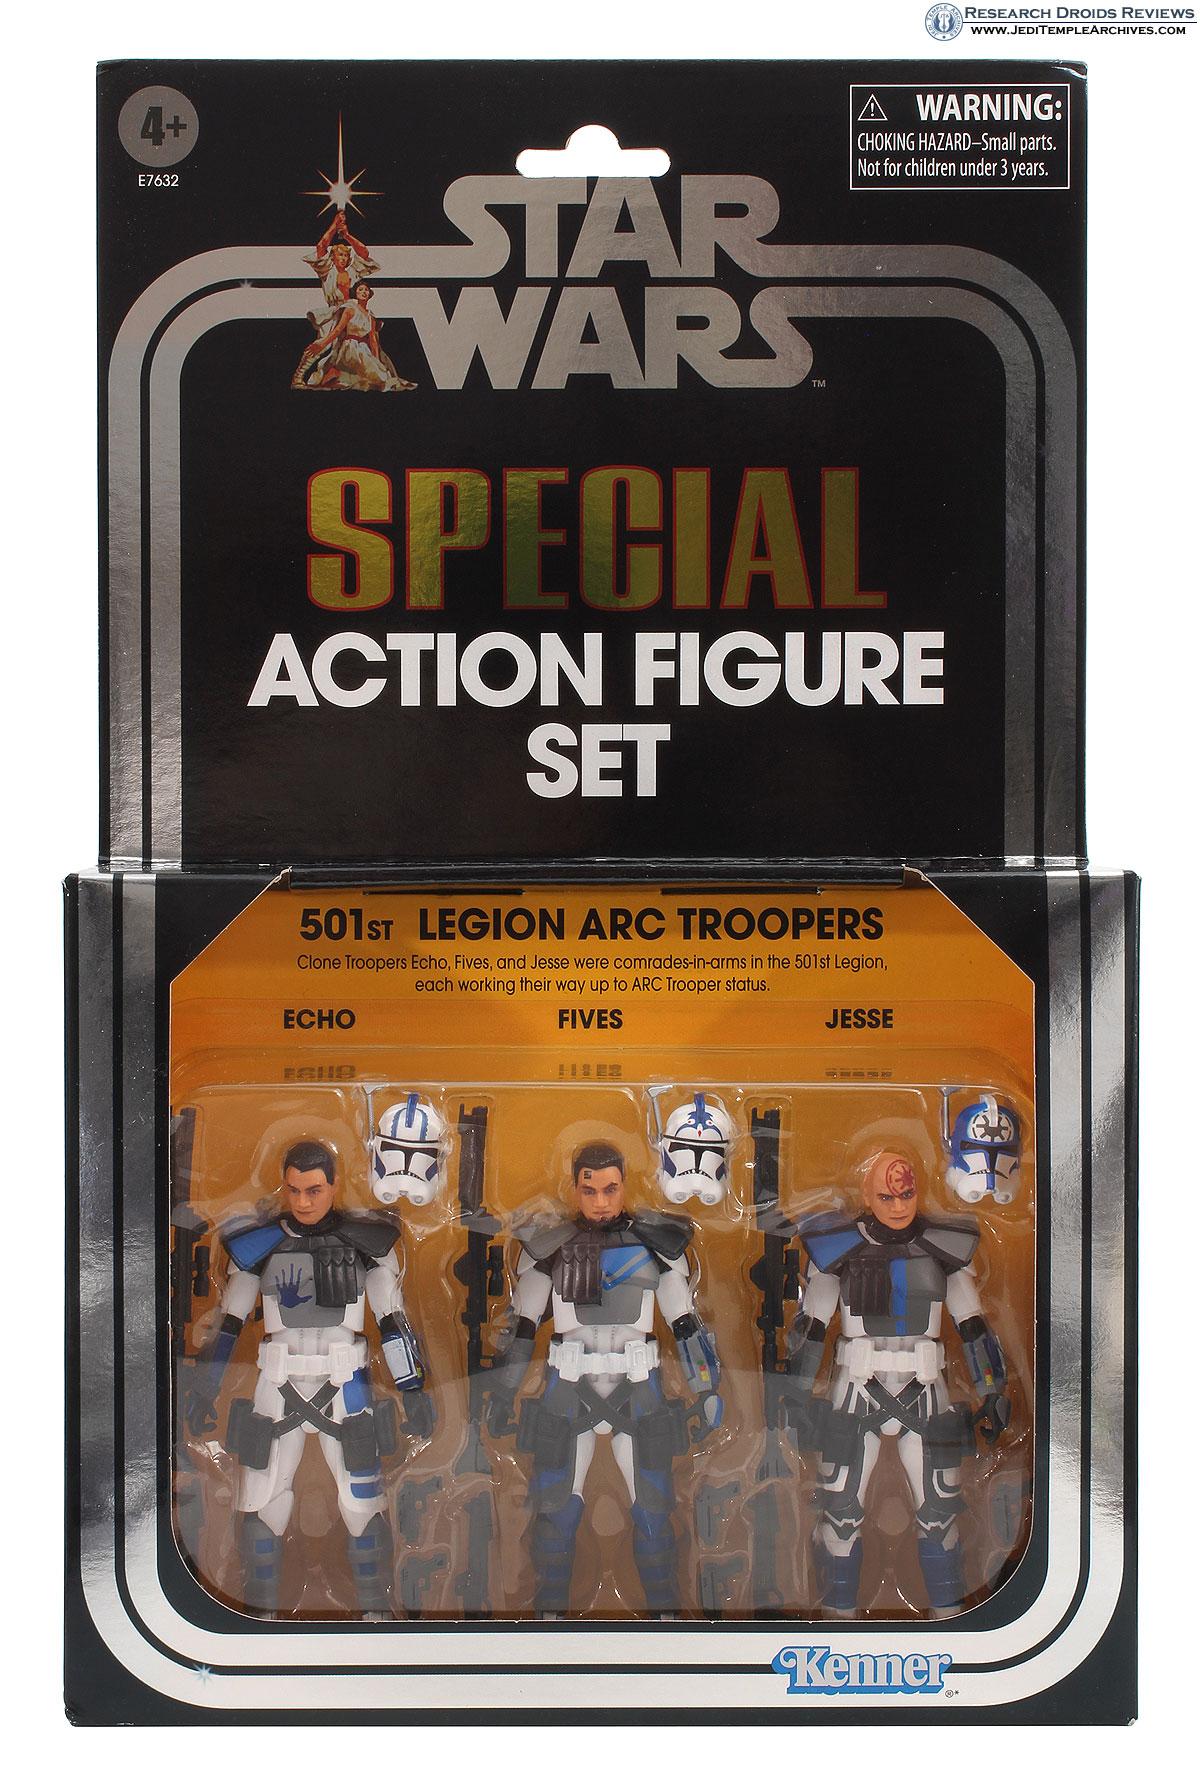 501st Legion ARC Troopers